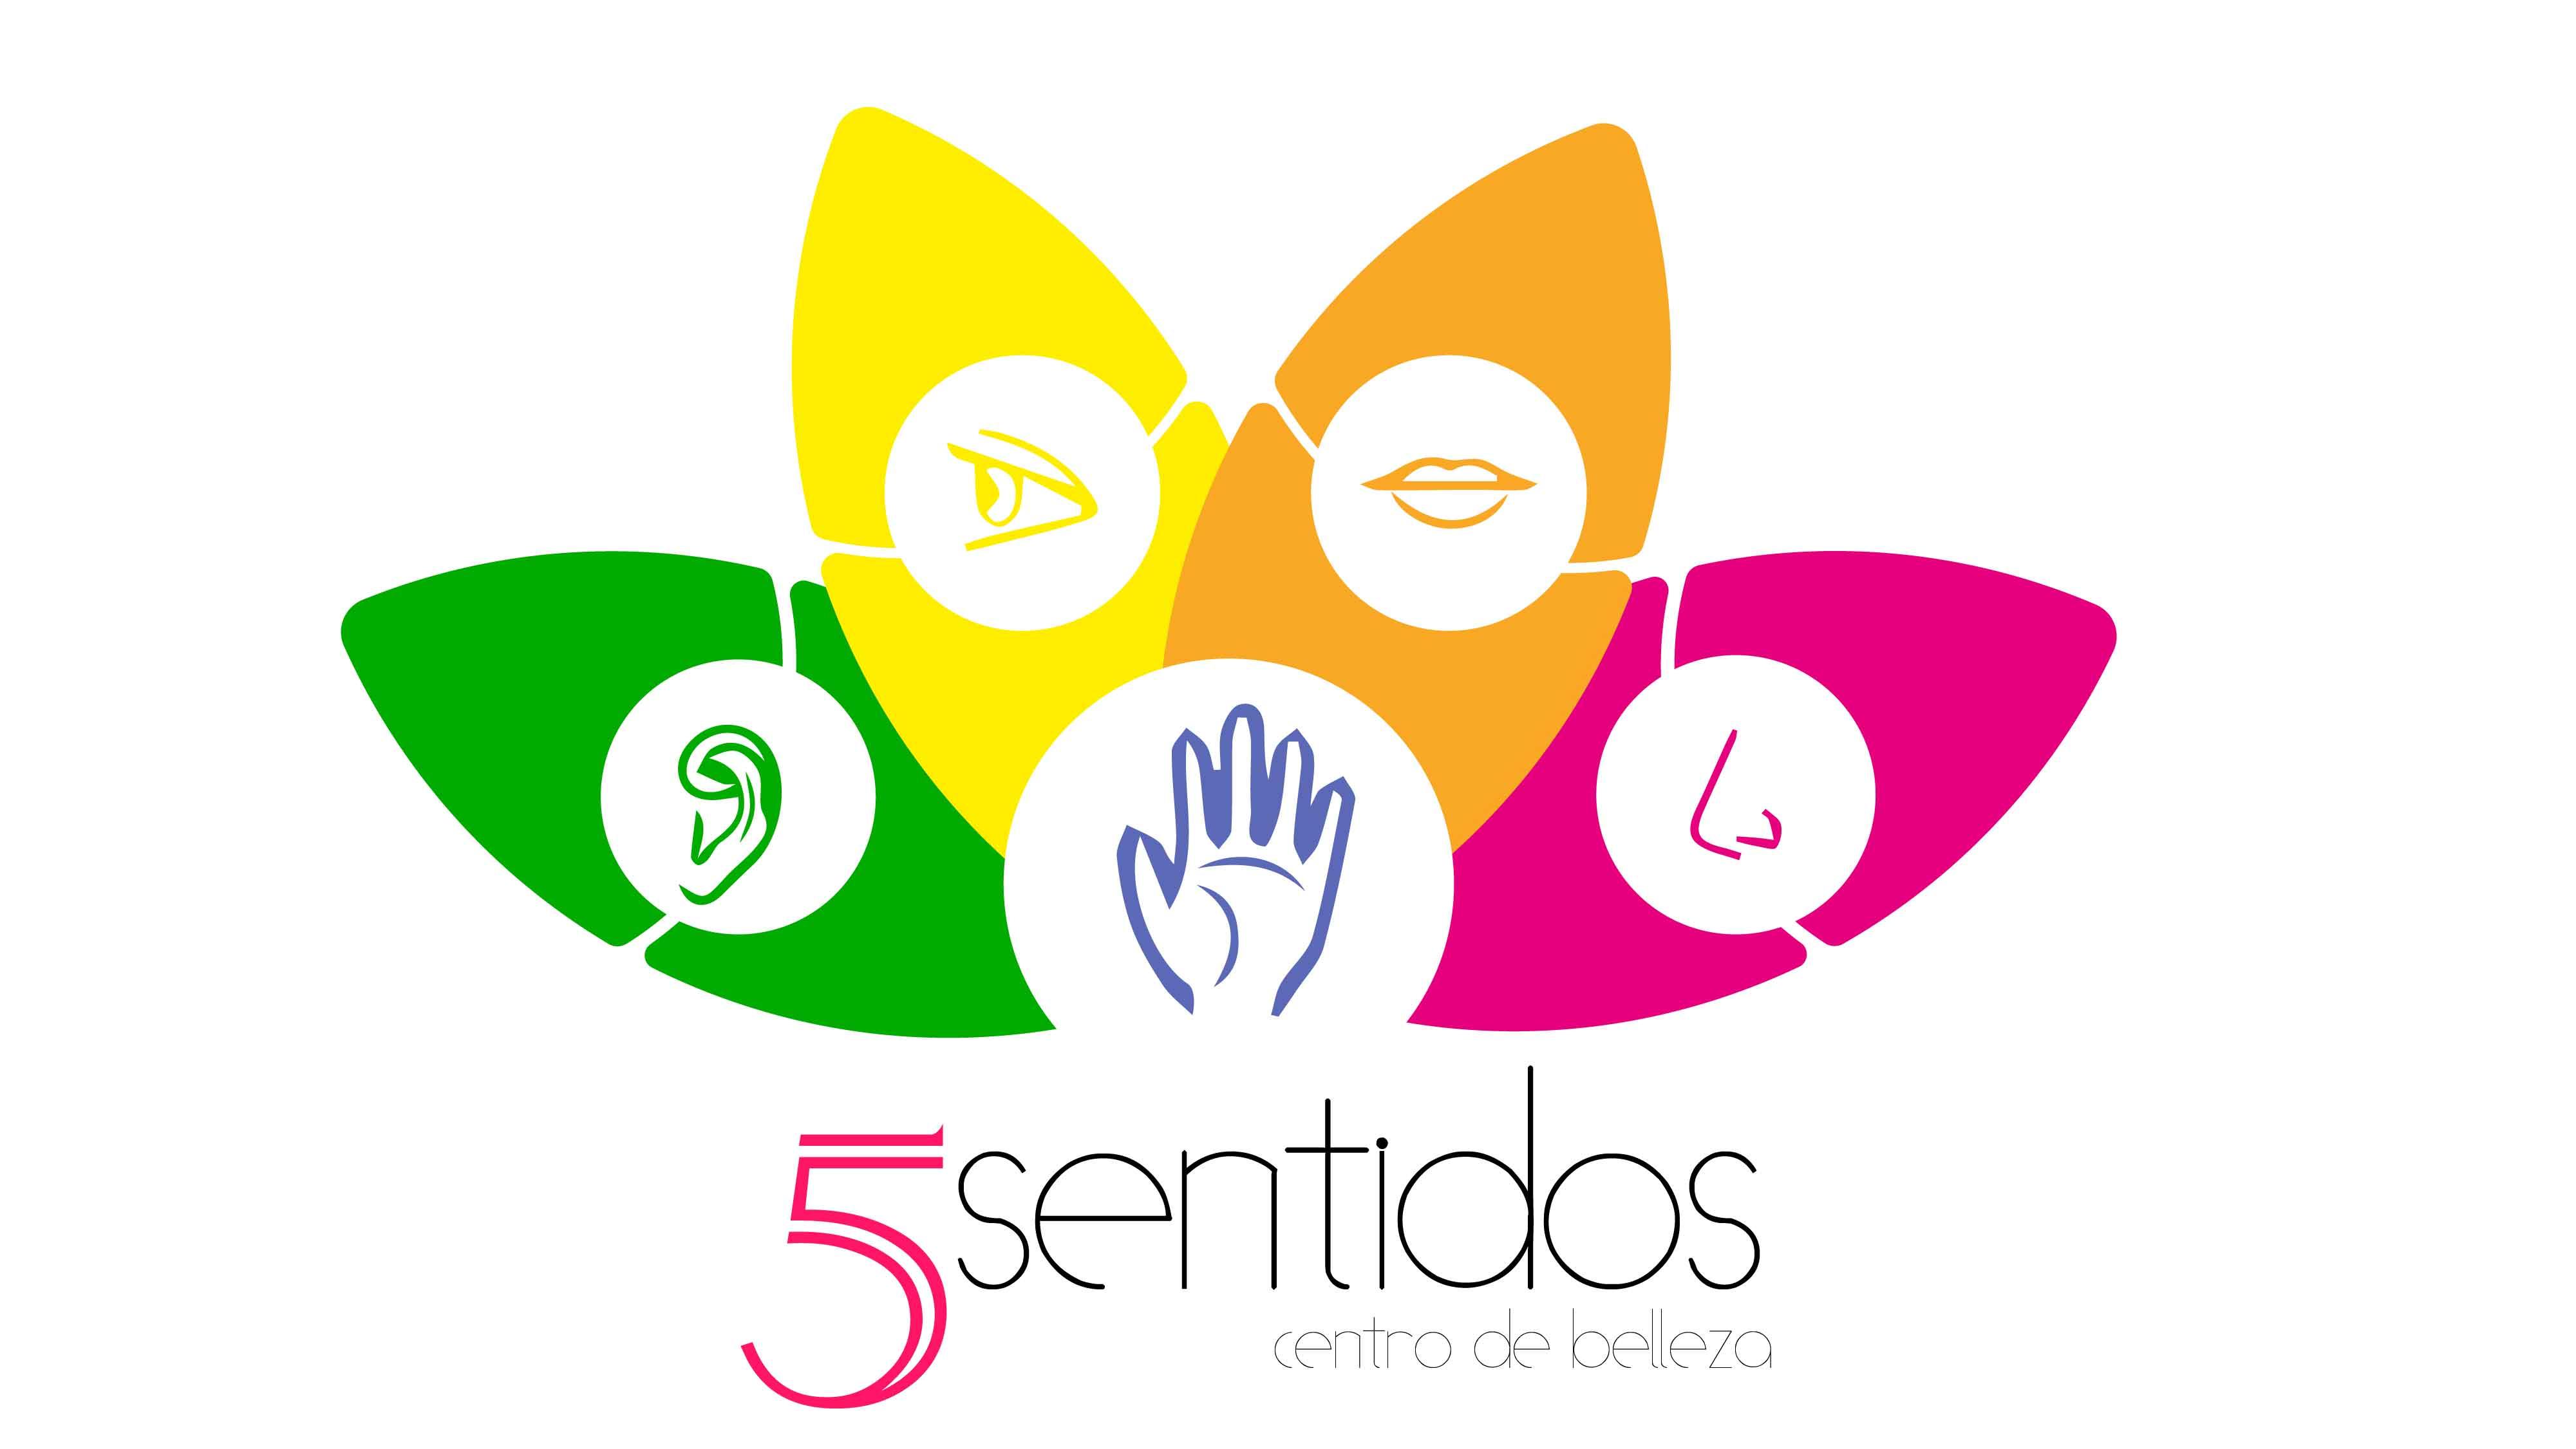 Centro de Belleza 5 Sentidos